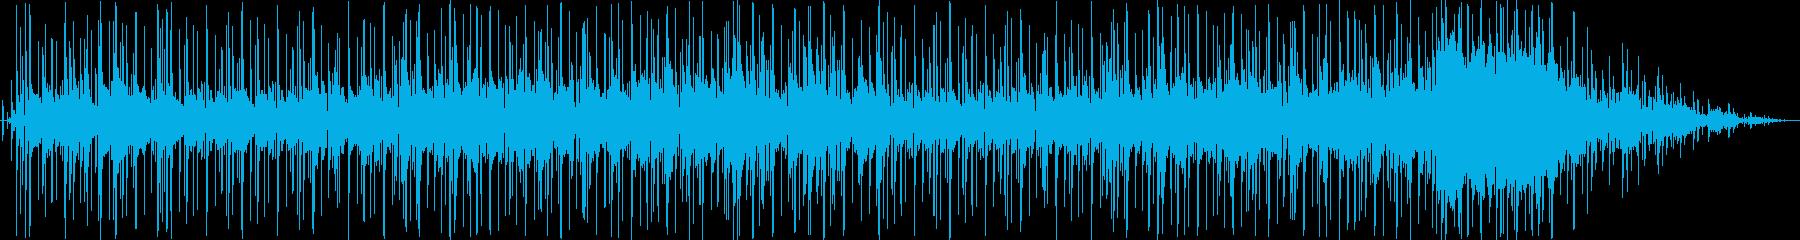 コマーシャル用の音楽。 80音。の再生済みの波形